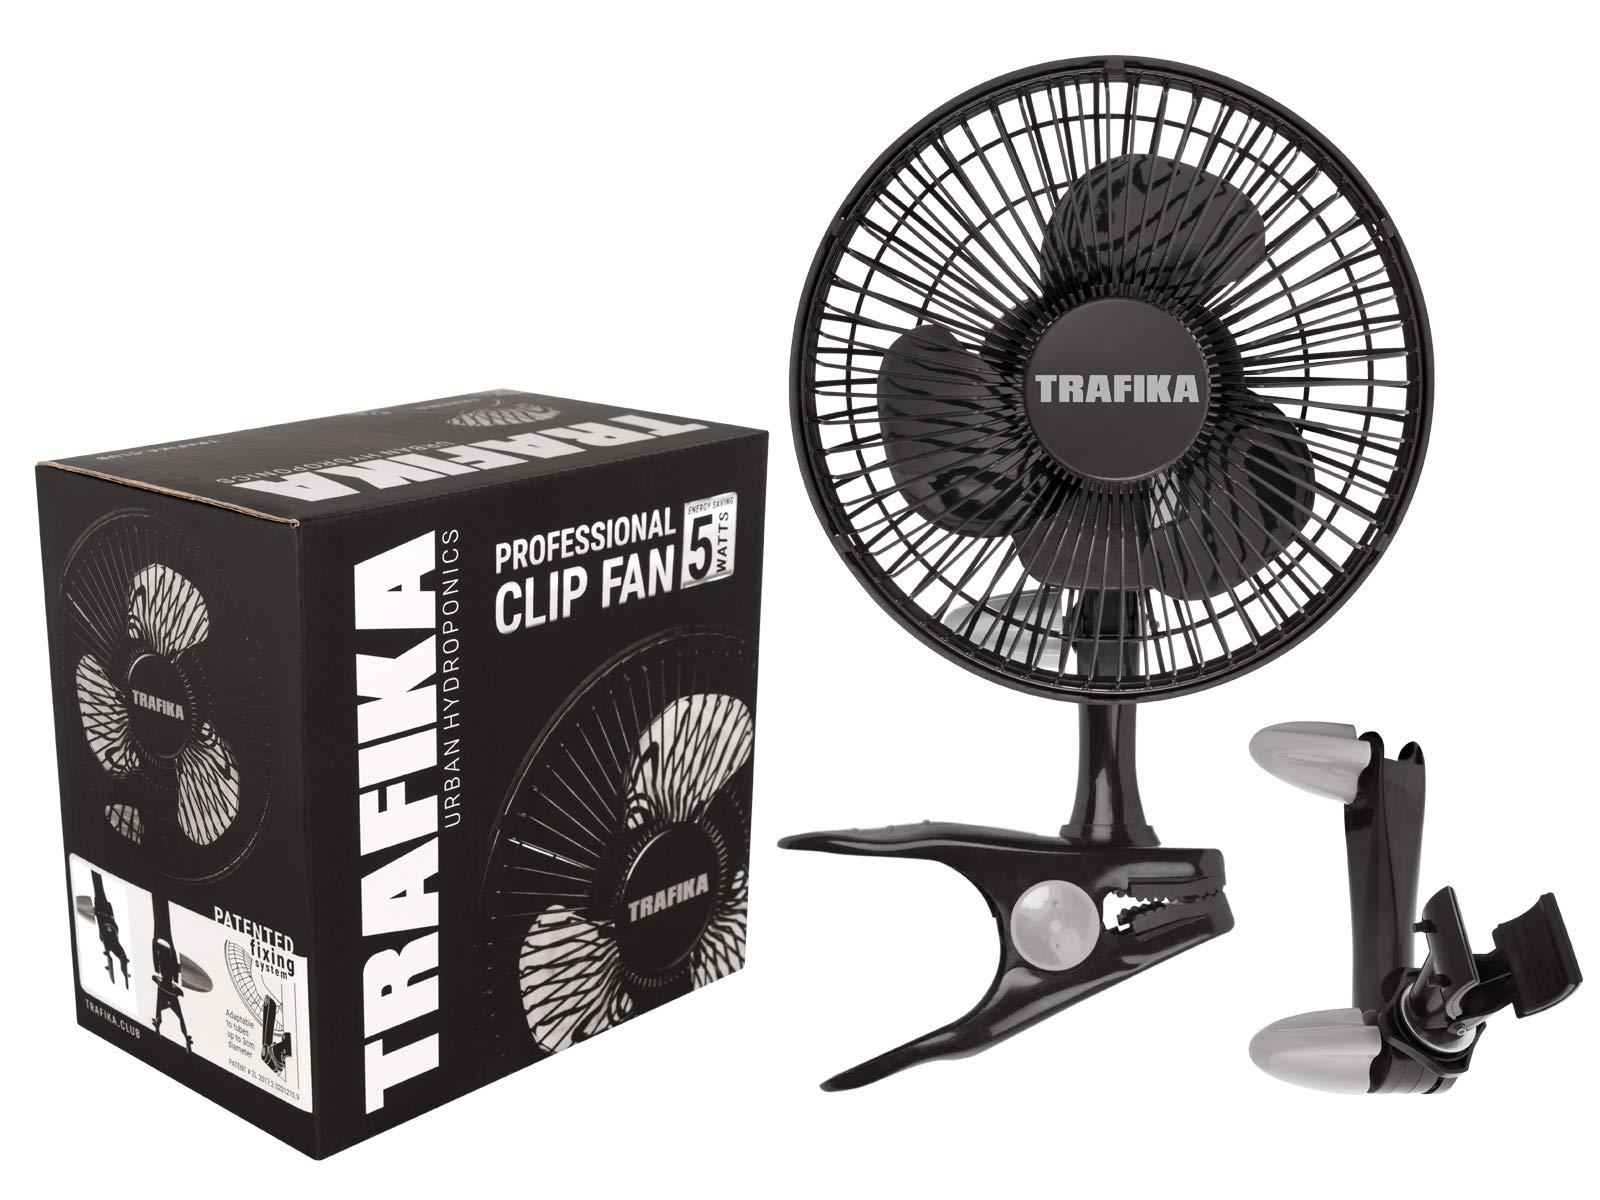 TRAFIKA Clipfan/Ventilador 15cm/5W/Motor Magnético Bajo Consumo ...